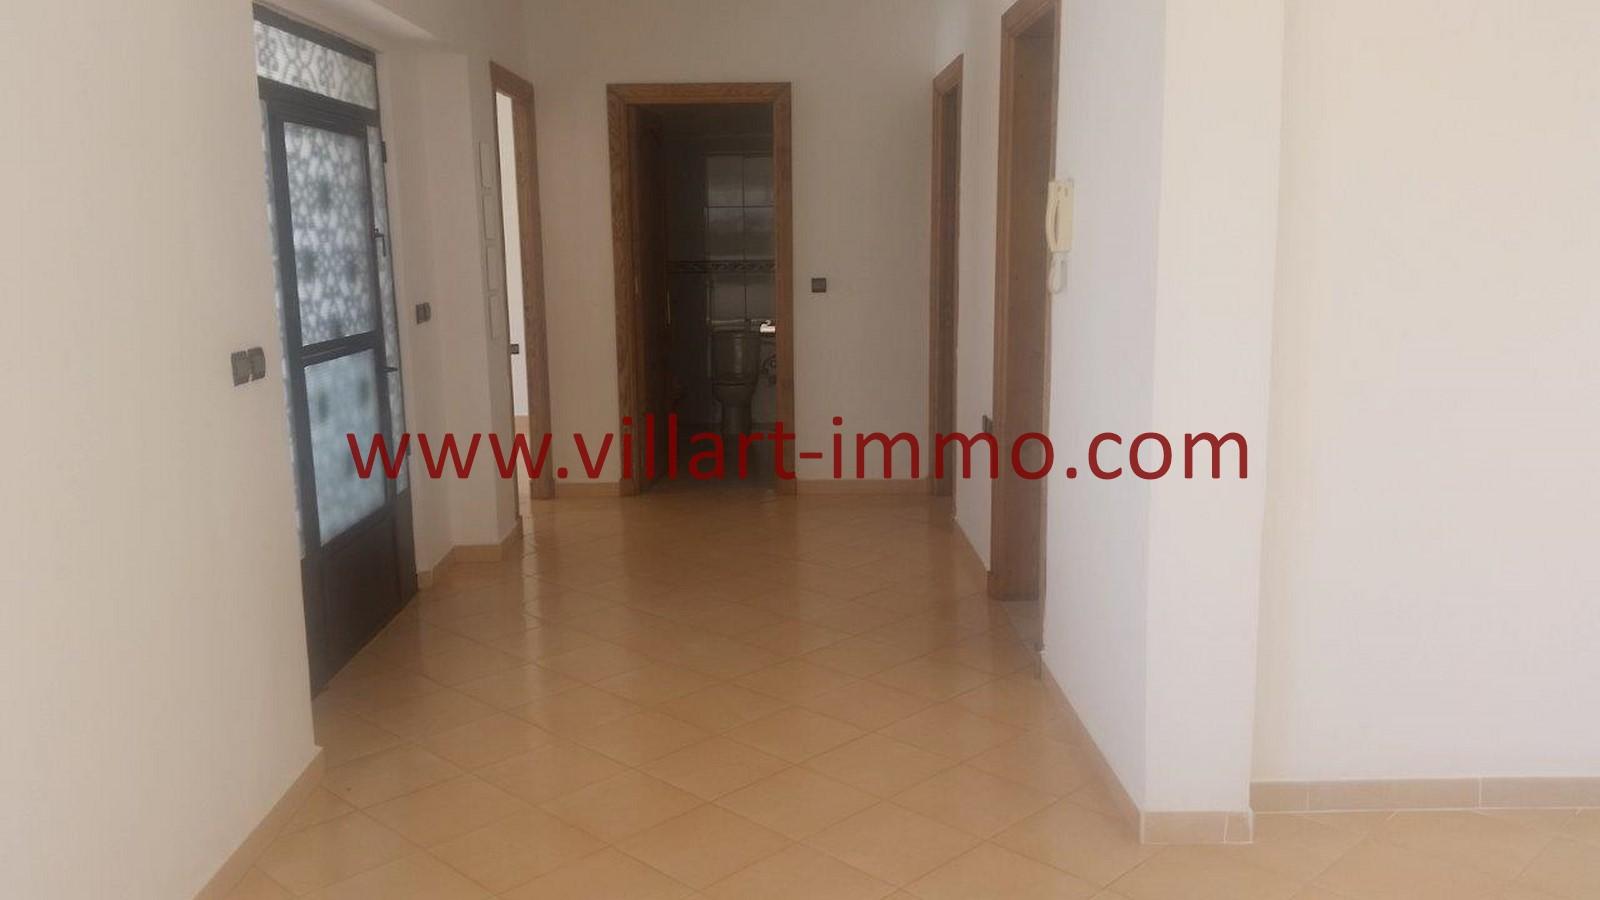 6-a-louer-villa-non-meuble-couloir-lv967-villart-immo